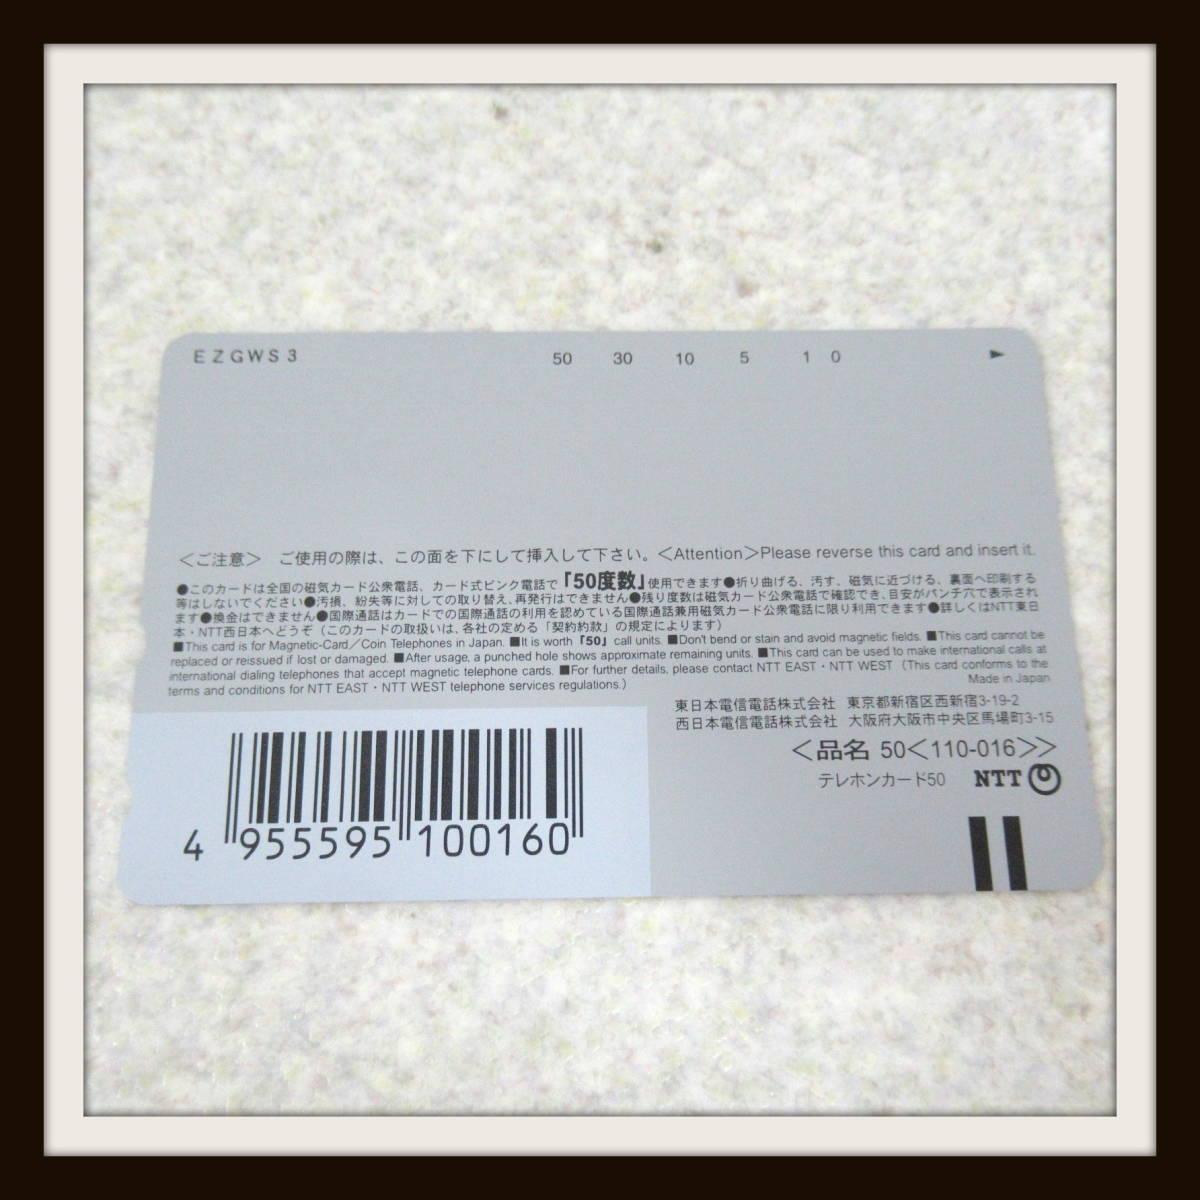 未使用品 テレカ CHAGE and ASKA テレホンカード 50度数 9枚セット テレホンカード チャゲ&飛鳥【D1【R2019-03-08-079_画像5